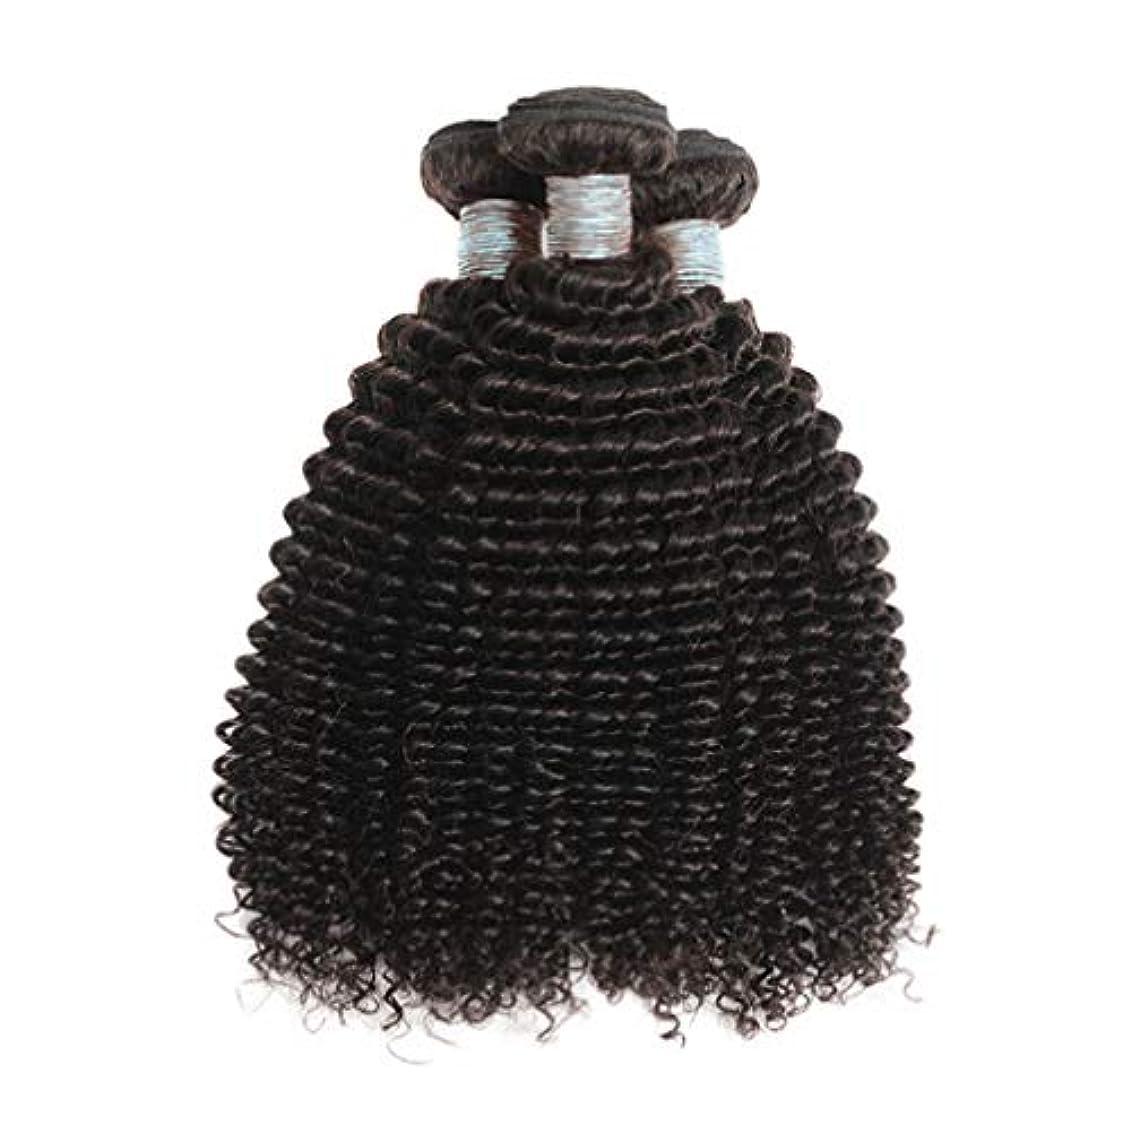 流星保存ハリケーン美しい8Aブラジルの髪の束ブラジルの巻き毛の束未処理のブラジルの人間の髪の束変態の巻き毛3束